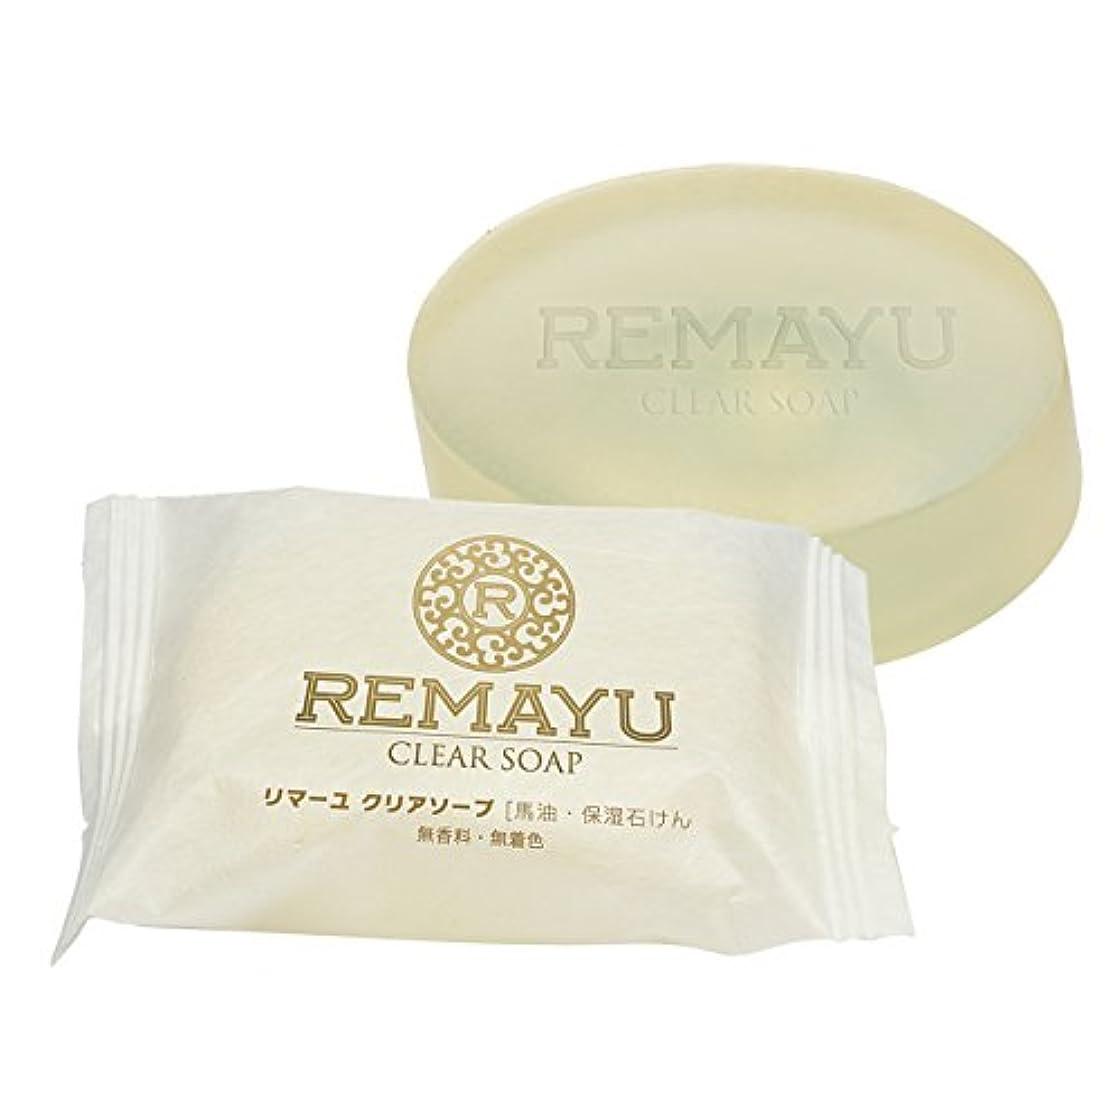 吸収する不承認憧れリマーユ クリアソープ 90g 馬油 リバテープ製薬 日本製 ばゆ石鹸 ばゆ洗顔